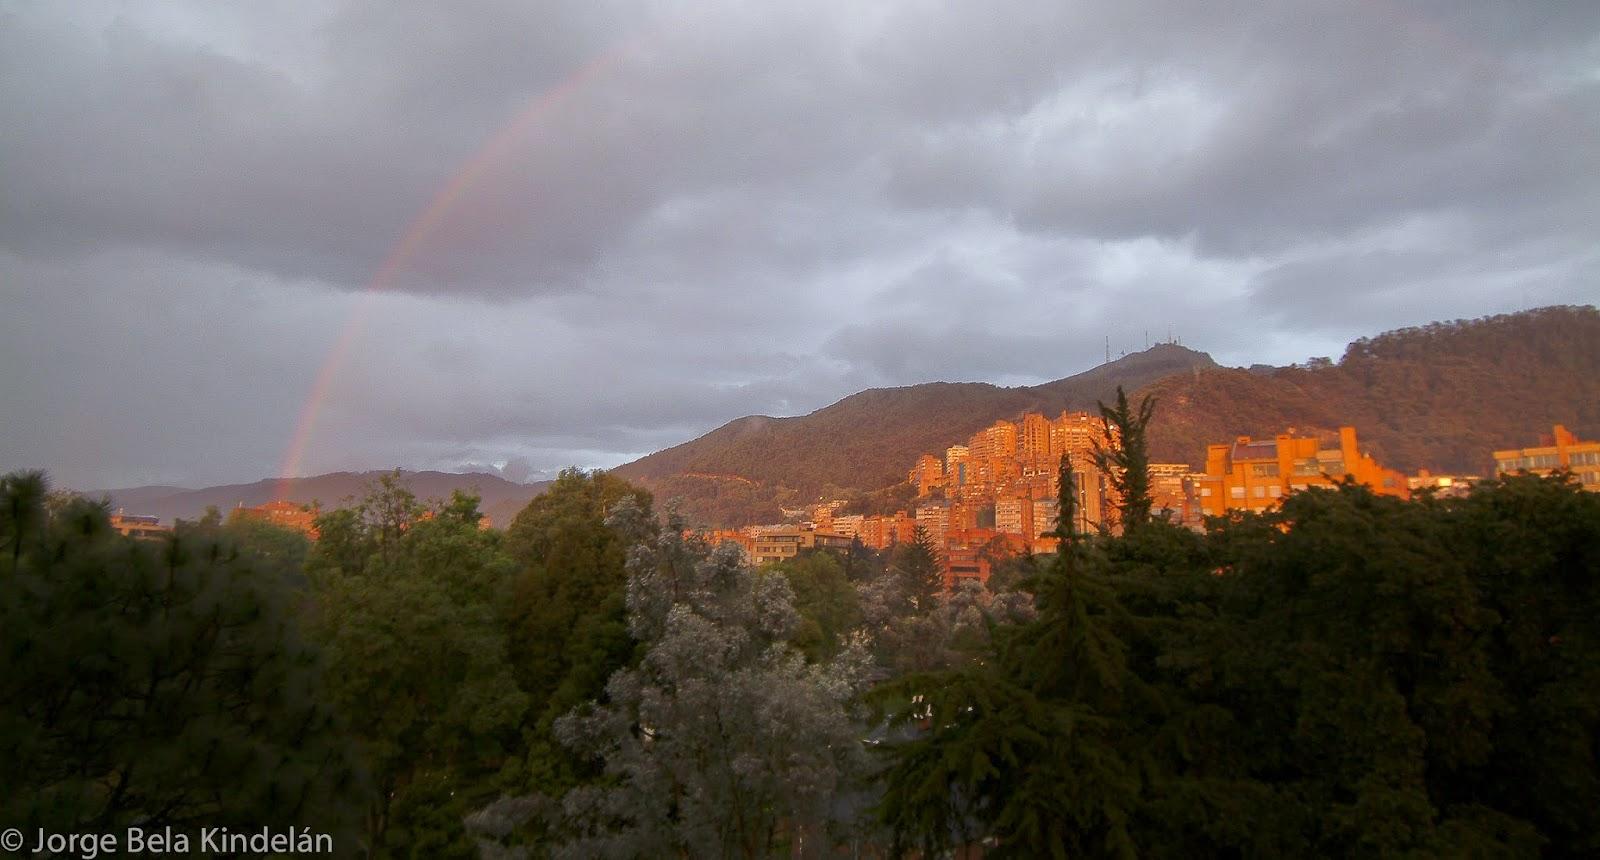 Arco iris sobre los Cerros Orientales de Bogotá. Foto: Jorge Bela